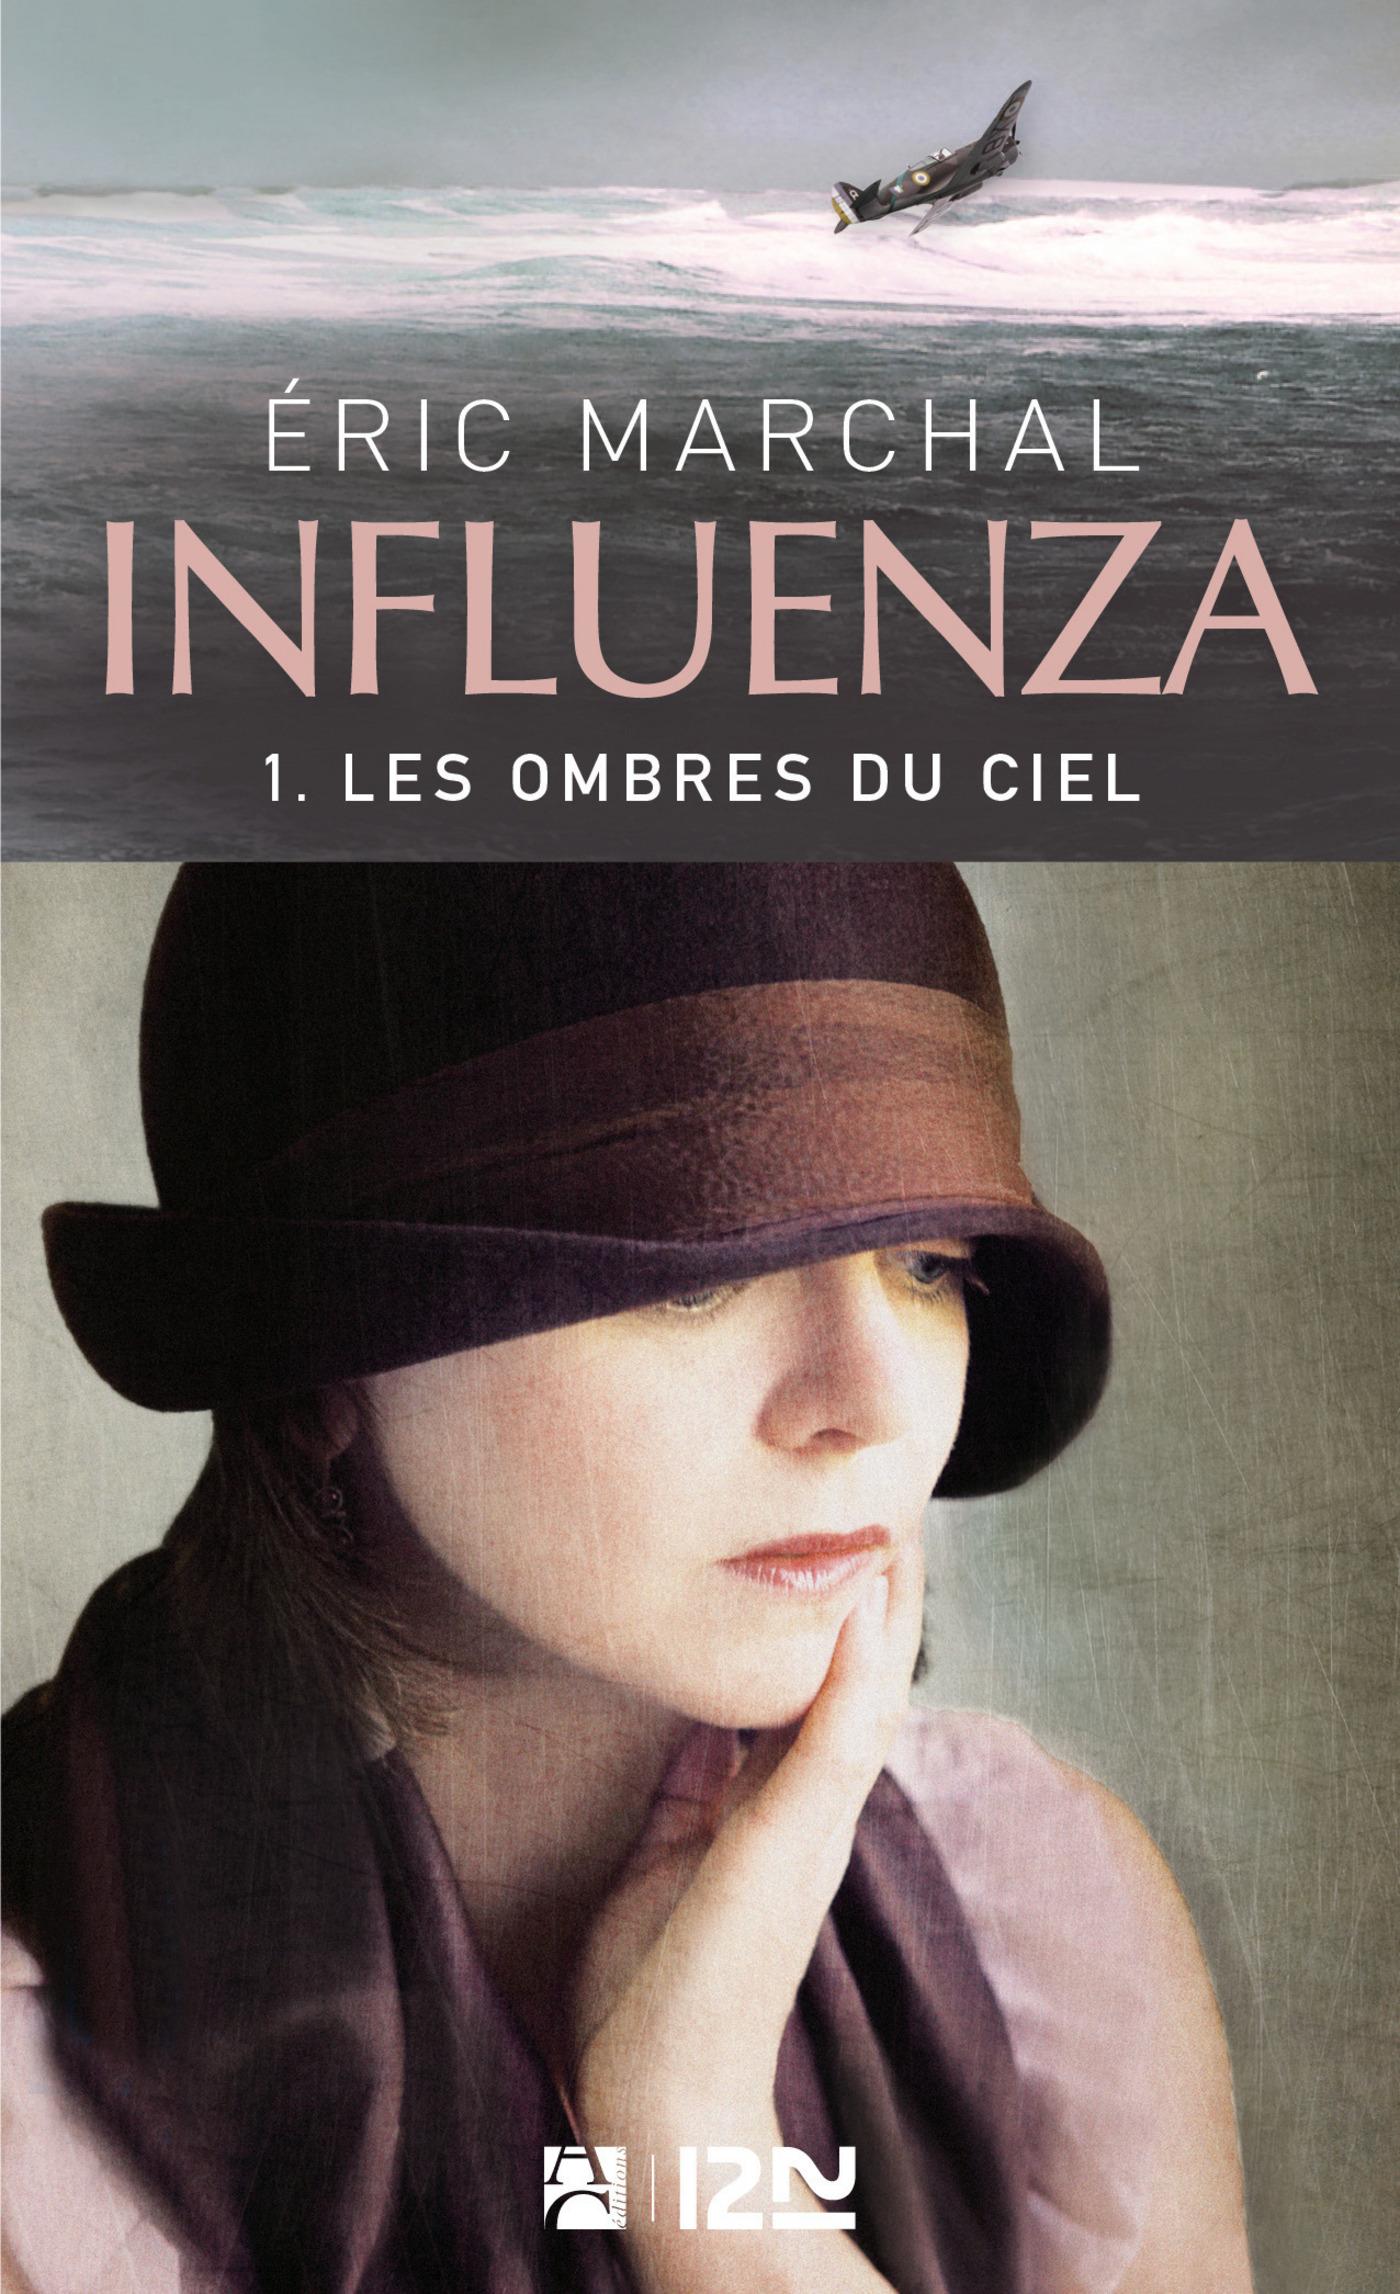 Influenza tome 1 - Les ombres du ciel (ebook)